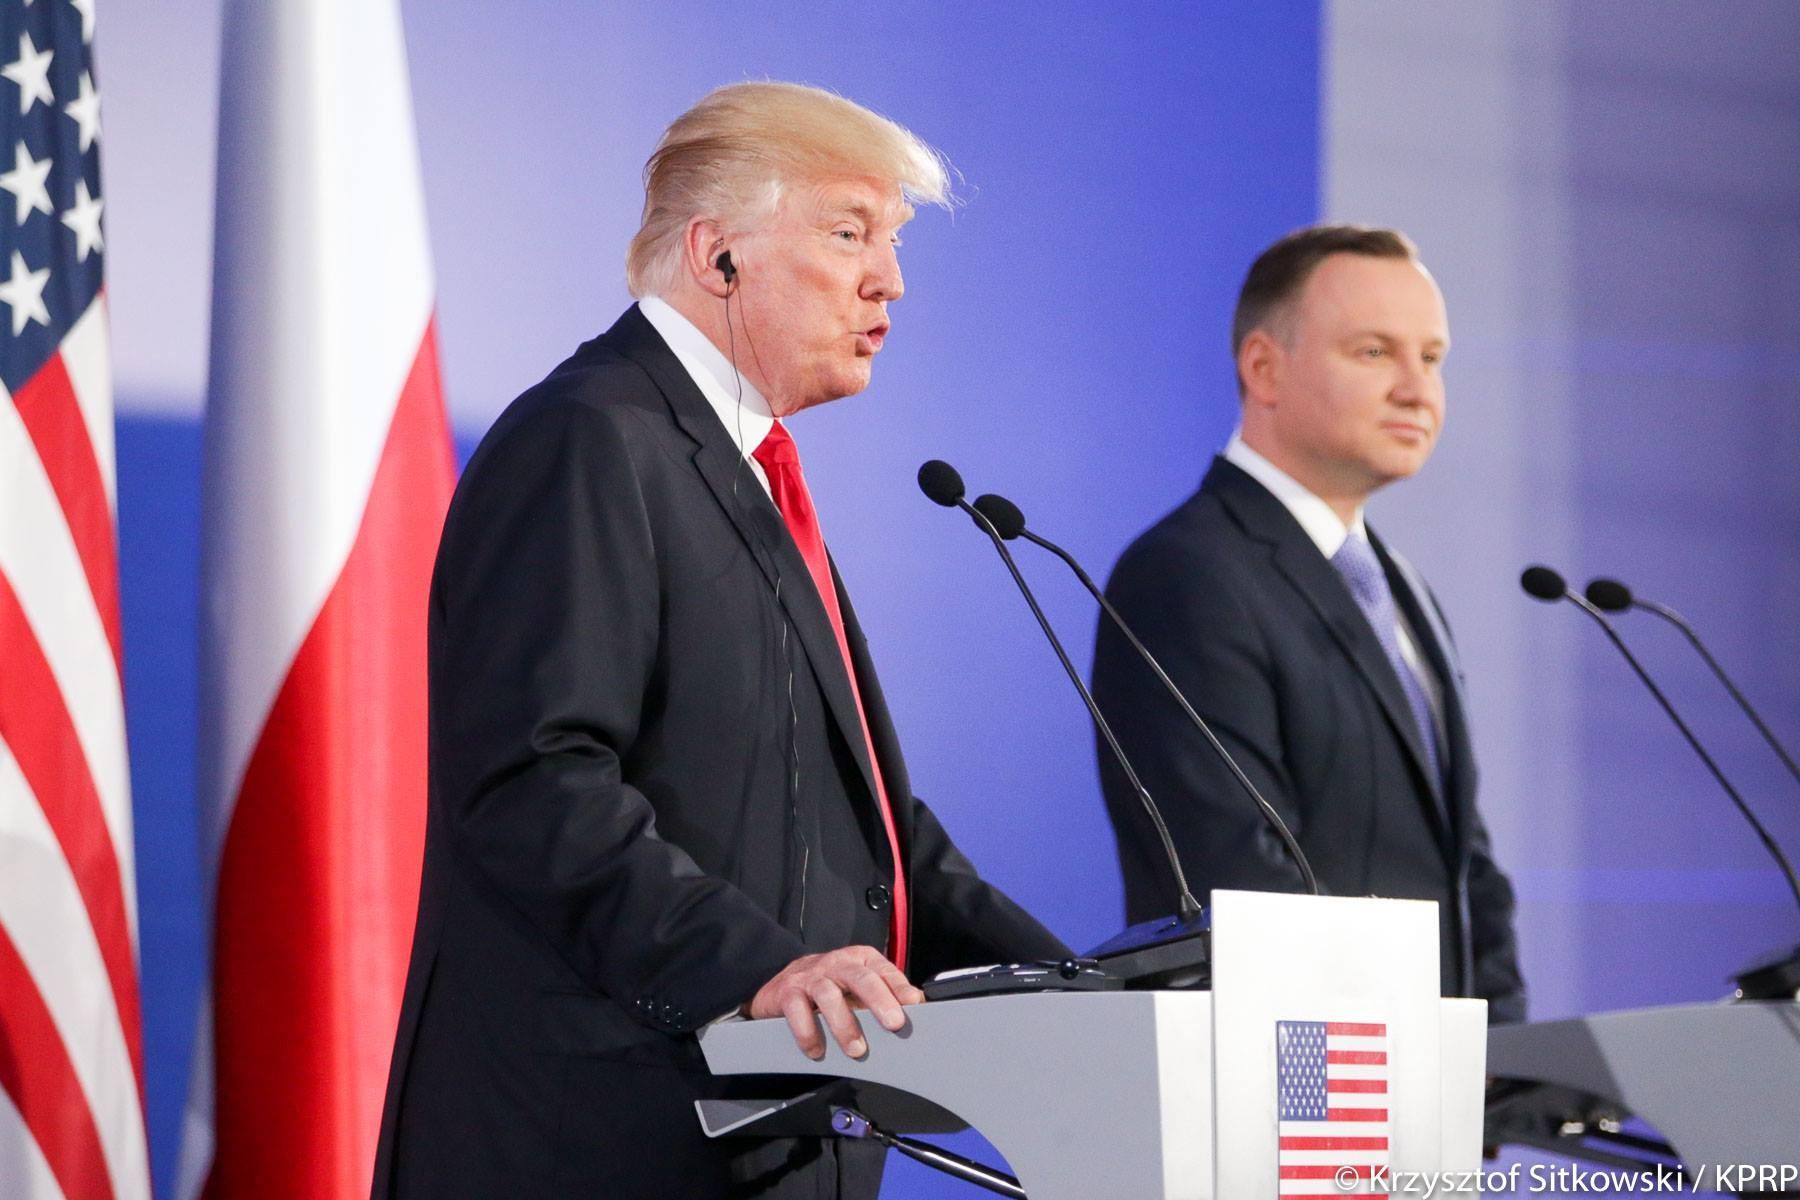 Nie tylko Donald Trump, ale i wiceprezydent USA i sekretarz stanu będą rozmówcami prezydenta Andrzeja Dudy w Białym Domu